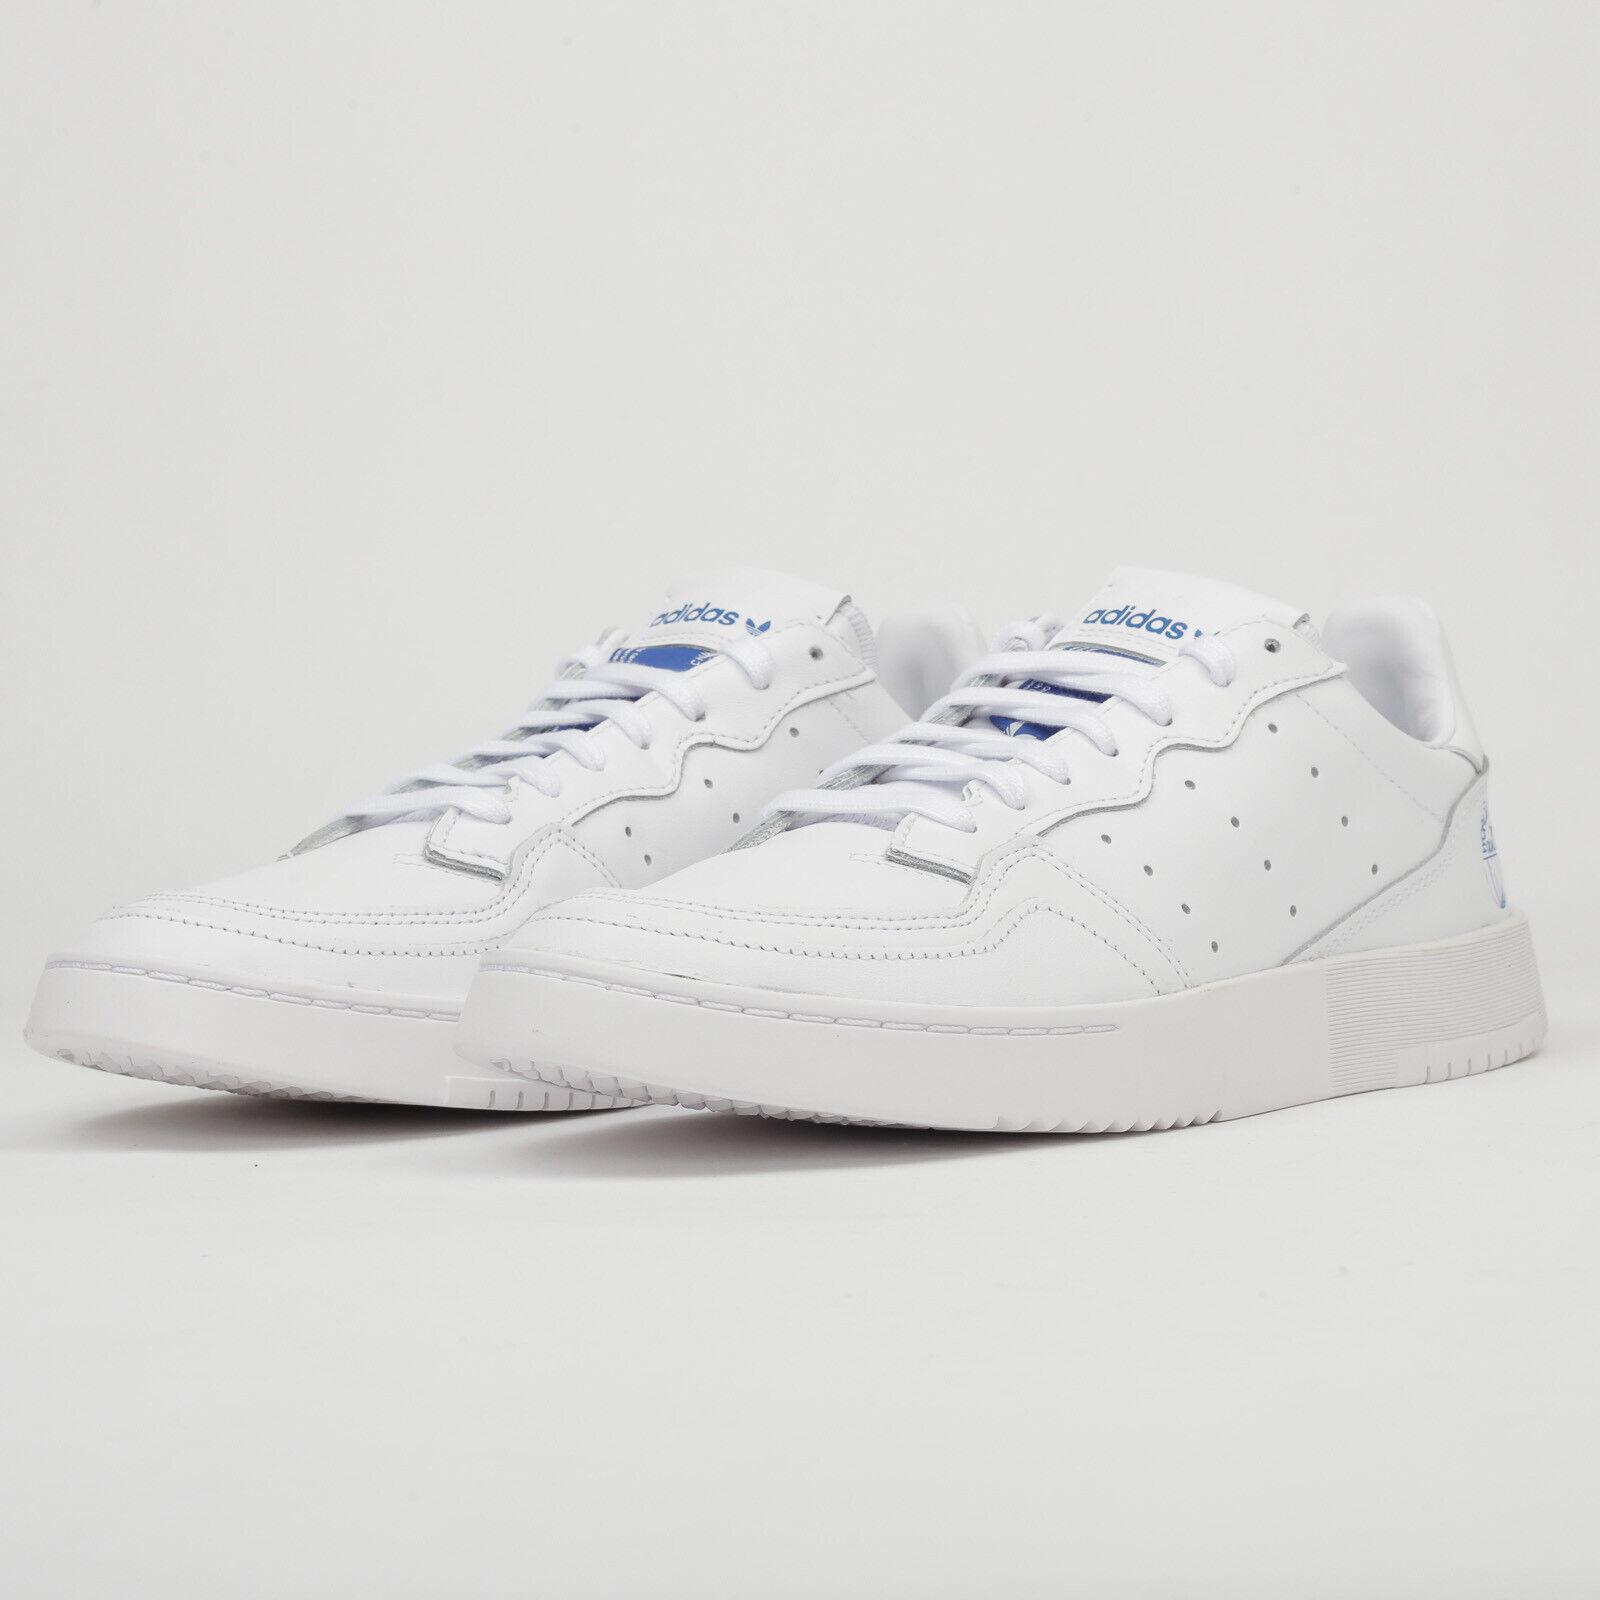 Adidas Supercourt ftwwht   ftwwht   Blaubir US 7.5 (eur 40 2 3), Männer, Weiß